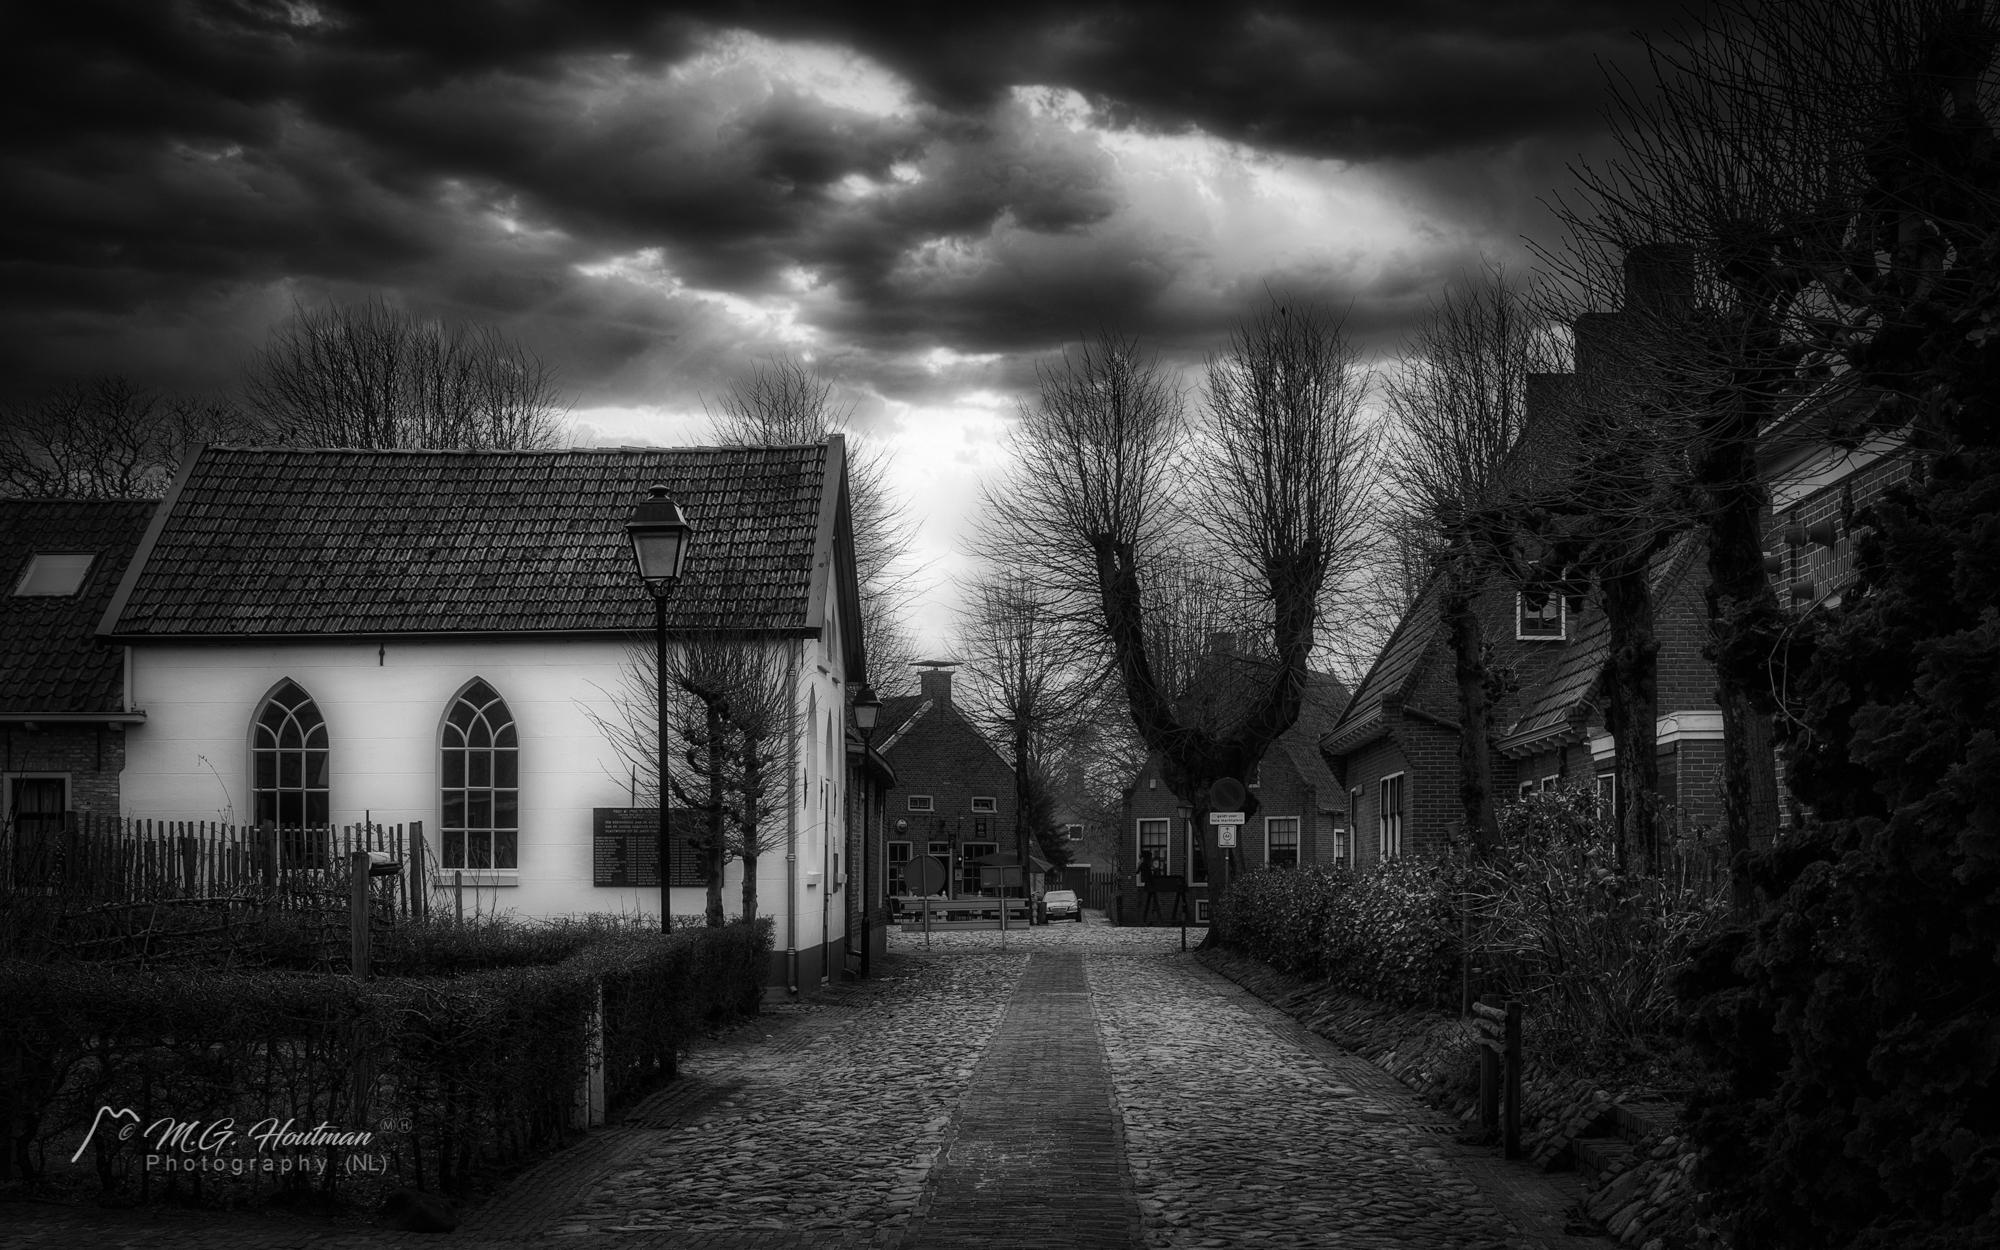 Bourtange is een vestingdorp in de provincie Groningen, dat tijdens de Nederlandse Opstand is aangelegd. Bourtange ligt in de gemeente Vlagtwedde, in de streek Westerwolde. Het is een beschermd dorpsgezicht.Wikipedia